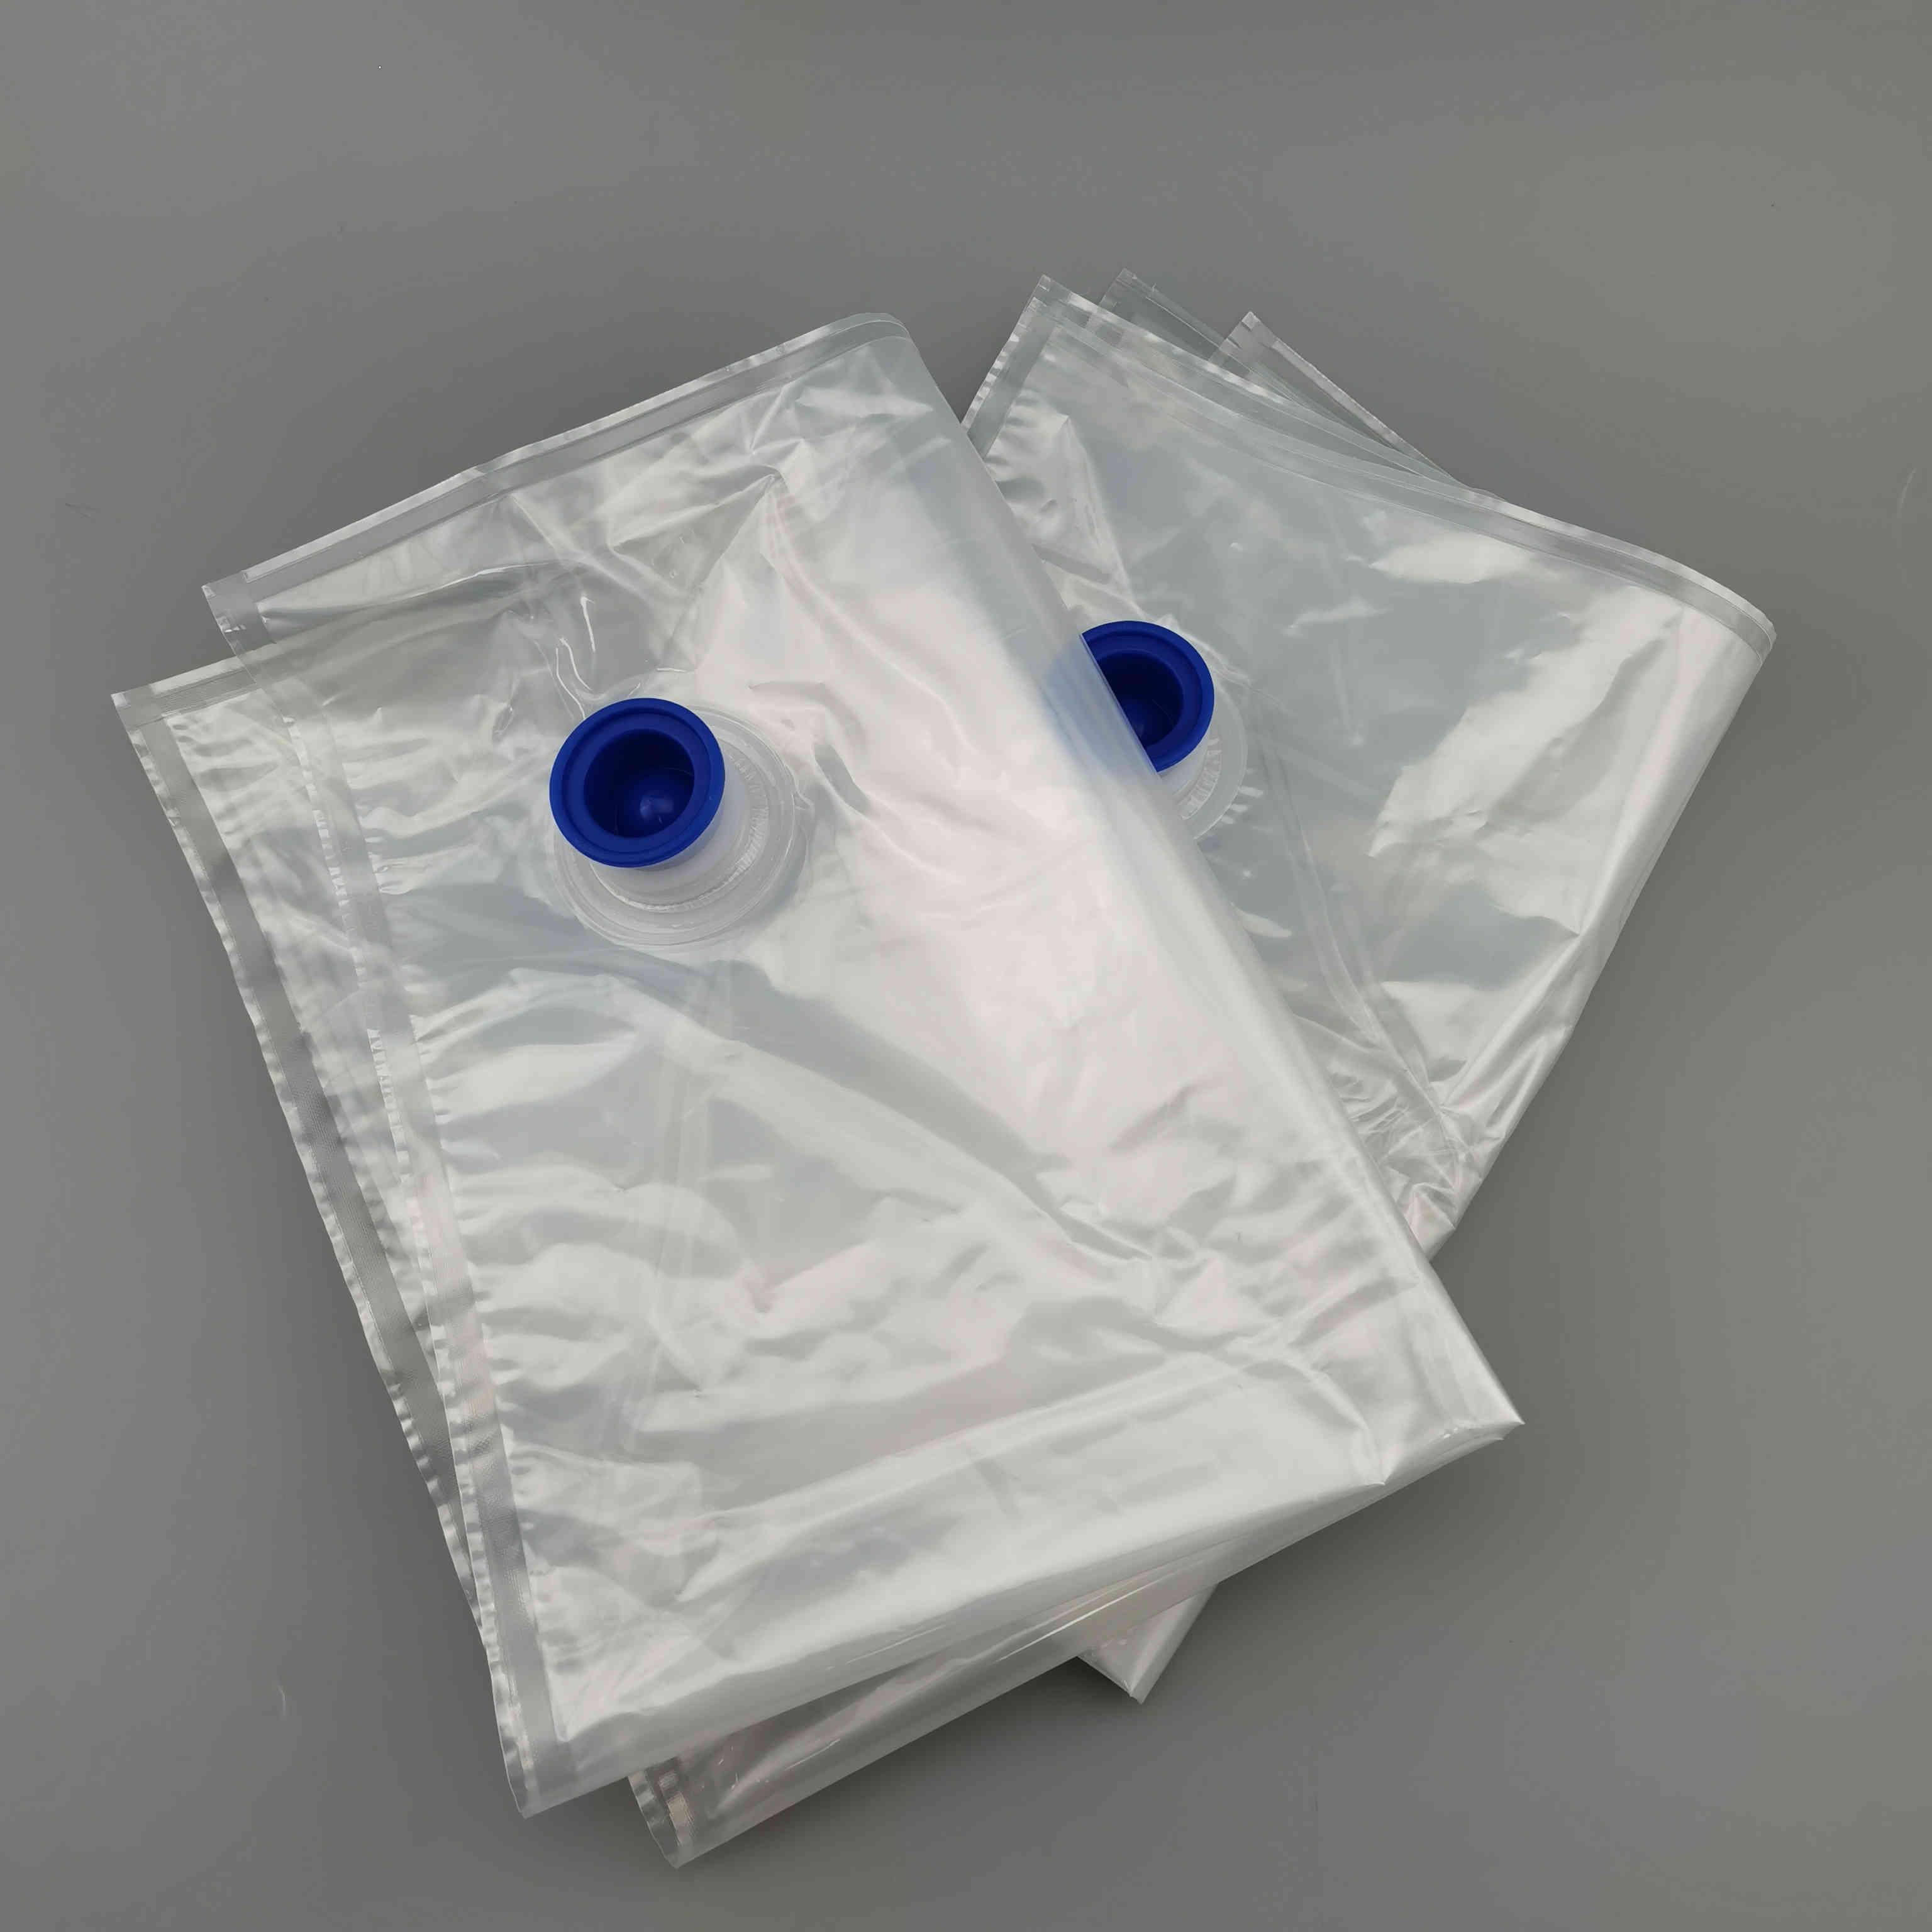 现货3L 5L 10L镀铝盒中袋 红酒葡萄酒包装袋无菌液体包装袋蝴蝶